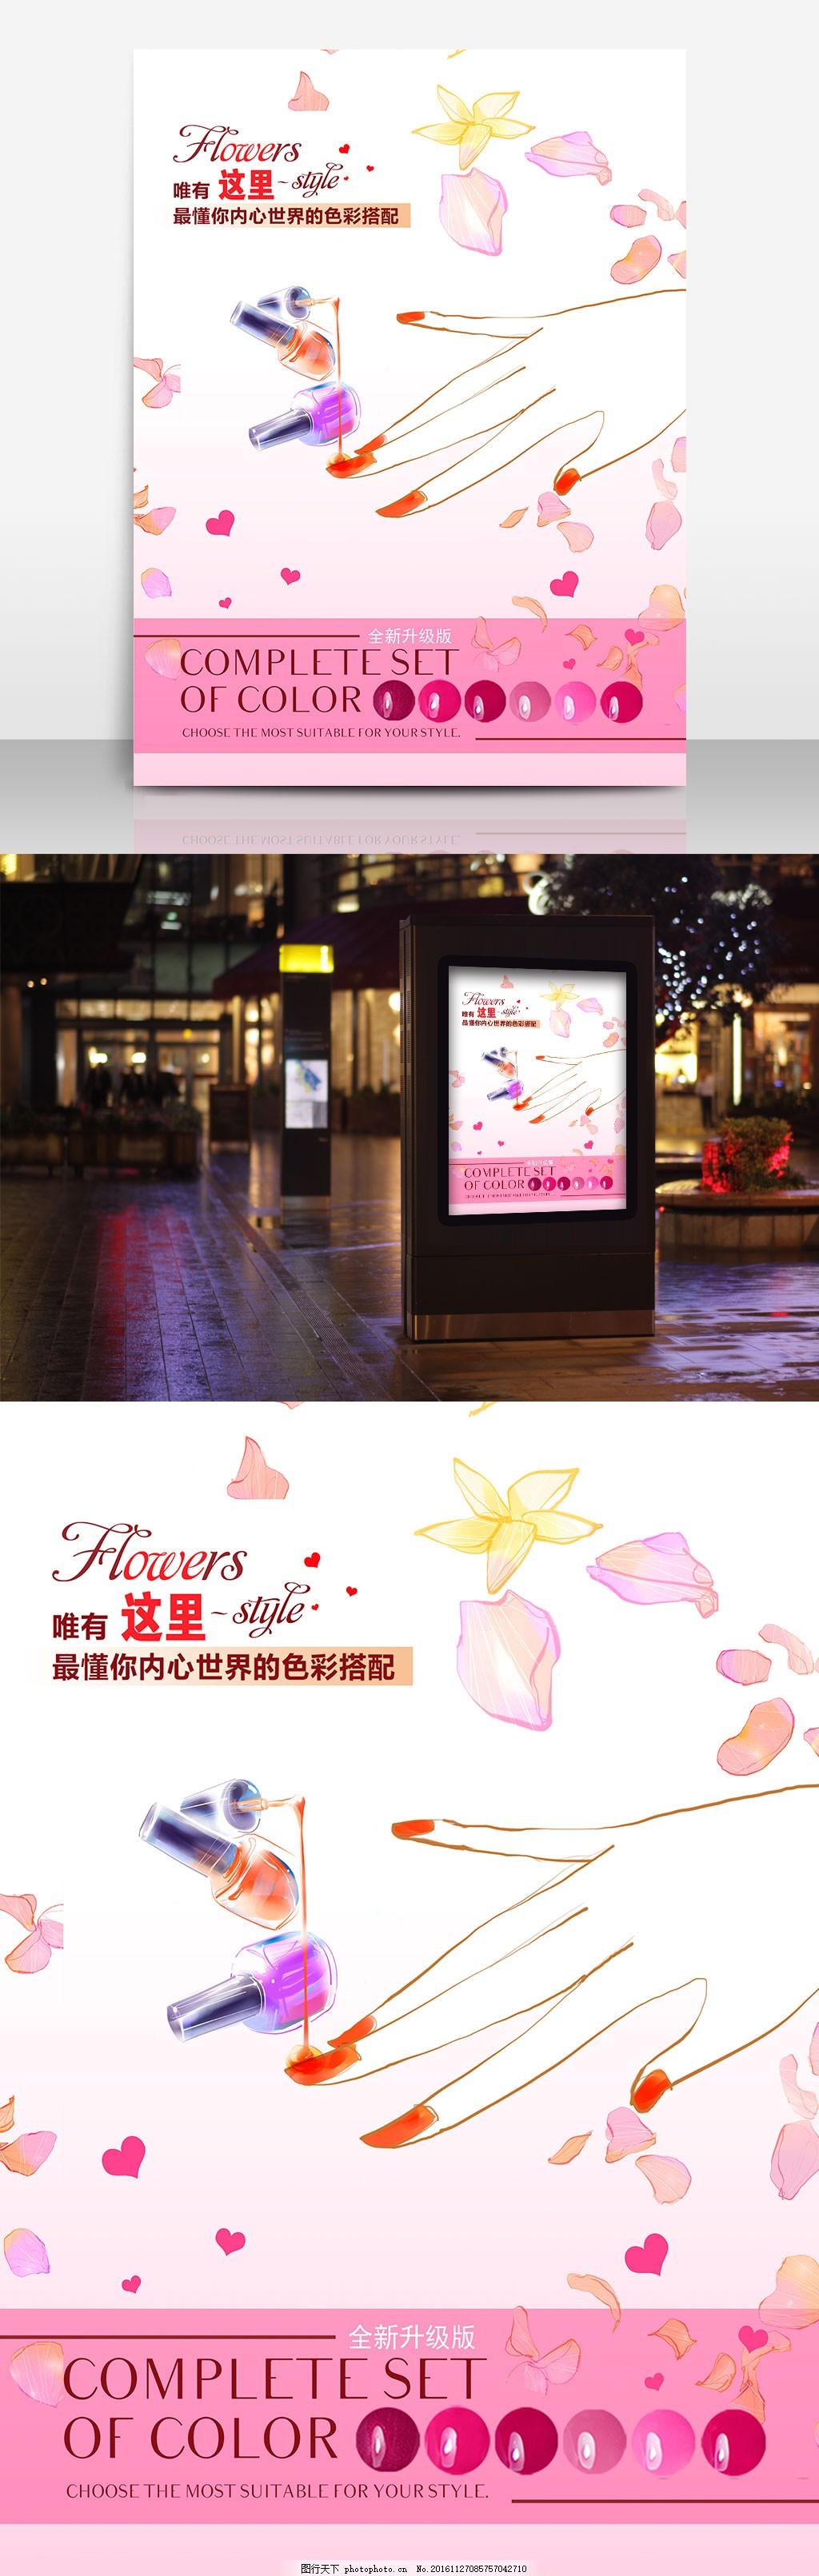 美甲 美容 手绘 小清新 粉色背景 海报